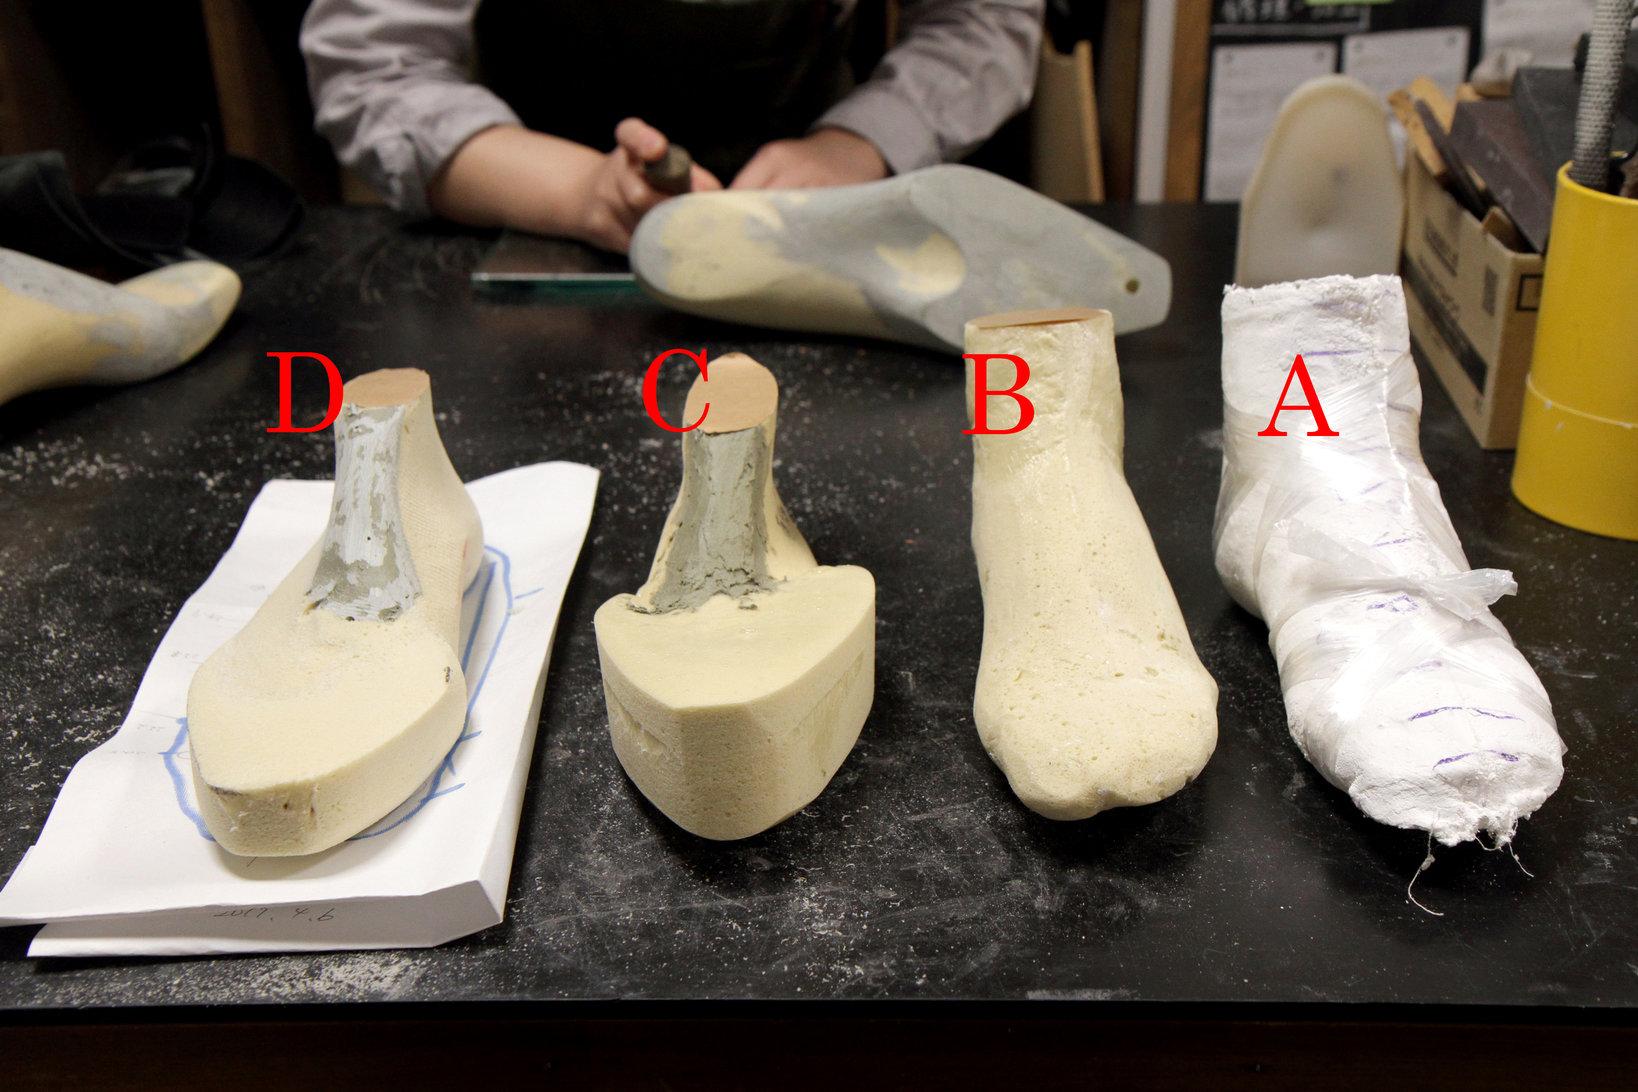 右から、(A)④で出来た石膏ギプス、(B)石膏ギプスに発泡樹脂を流し込み、型を採ったもの、(C)Bに微調整を加えるため、調整箇所に発泡樹脂を足したもの、(D)微調整を加える作業過程のもの